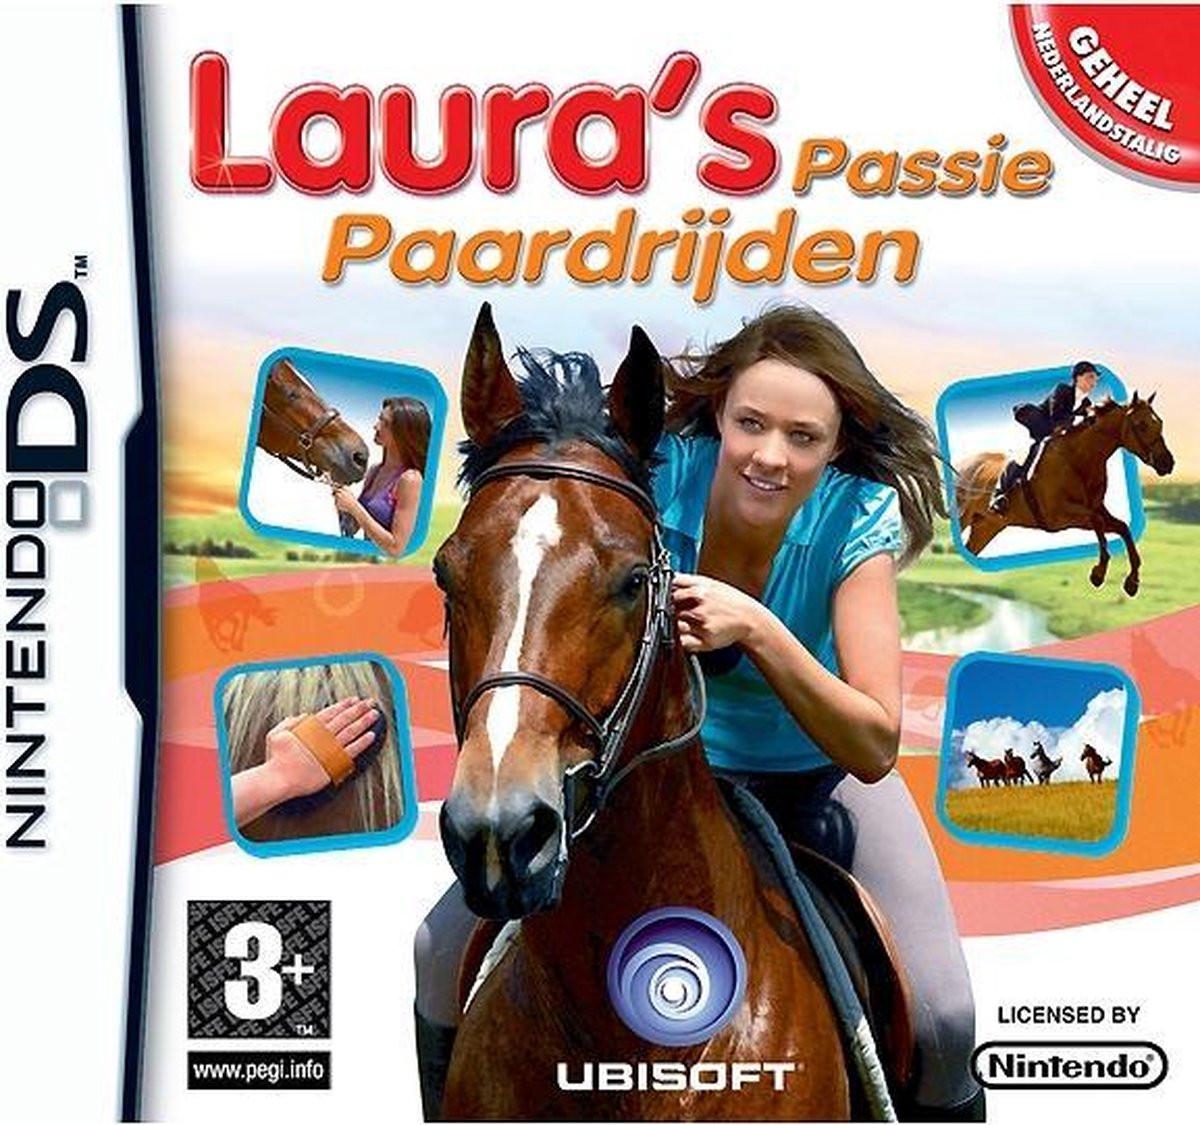 Laura's Passie Paardrijden 3D